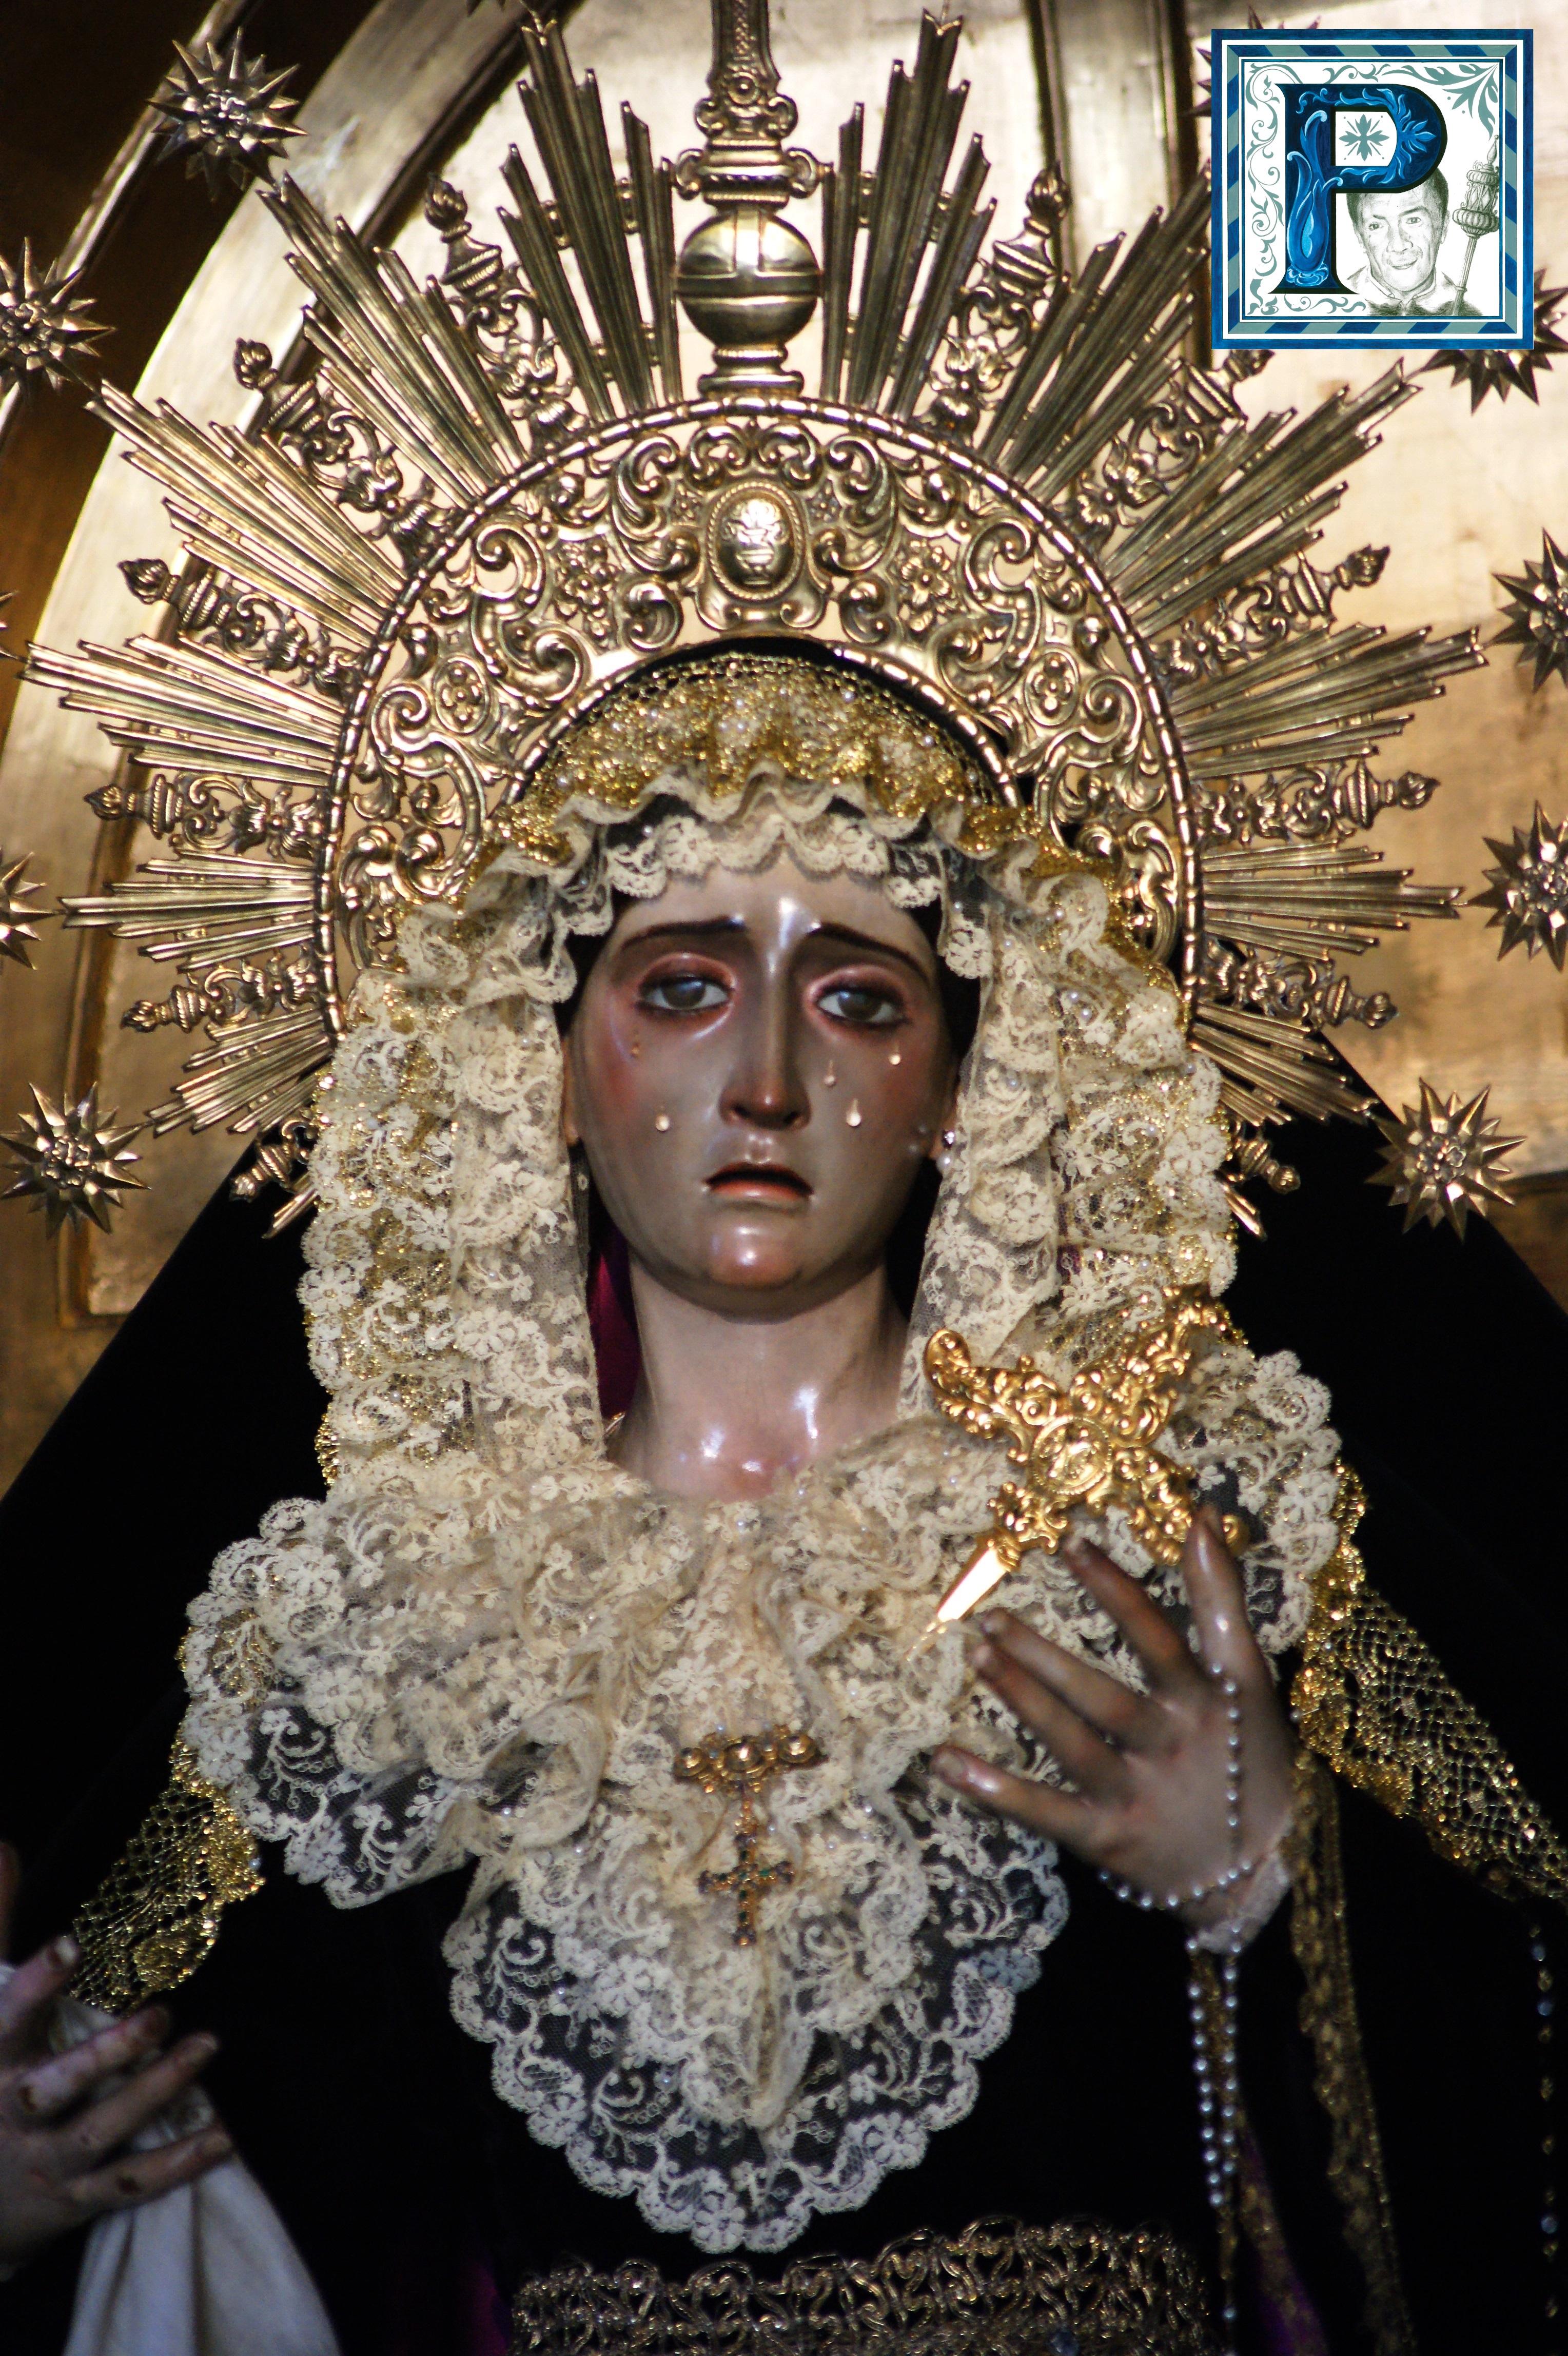 La Virgen de la Esperanza de la Yedra Coronada, Confortación y Soledad ataviada para la festividad de los Fieles Difuntos